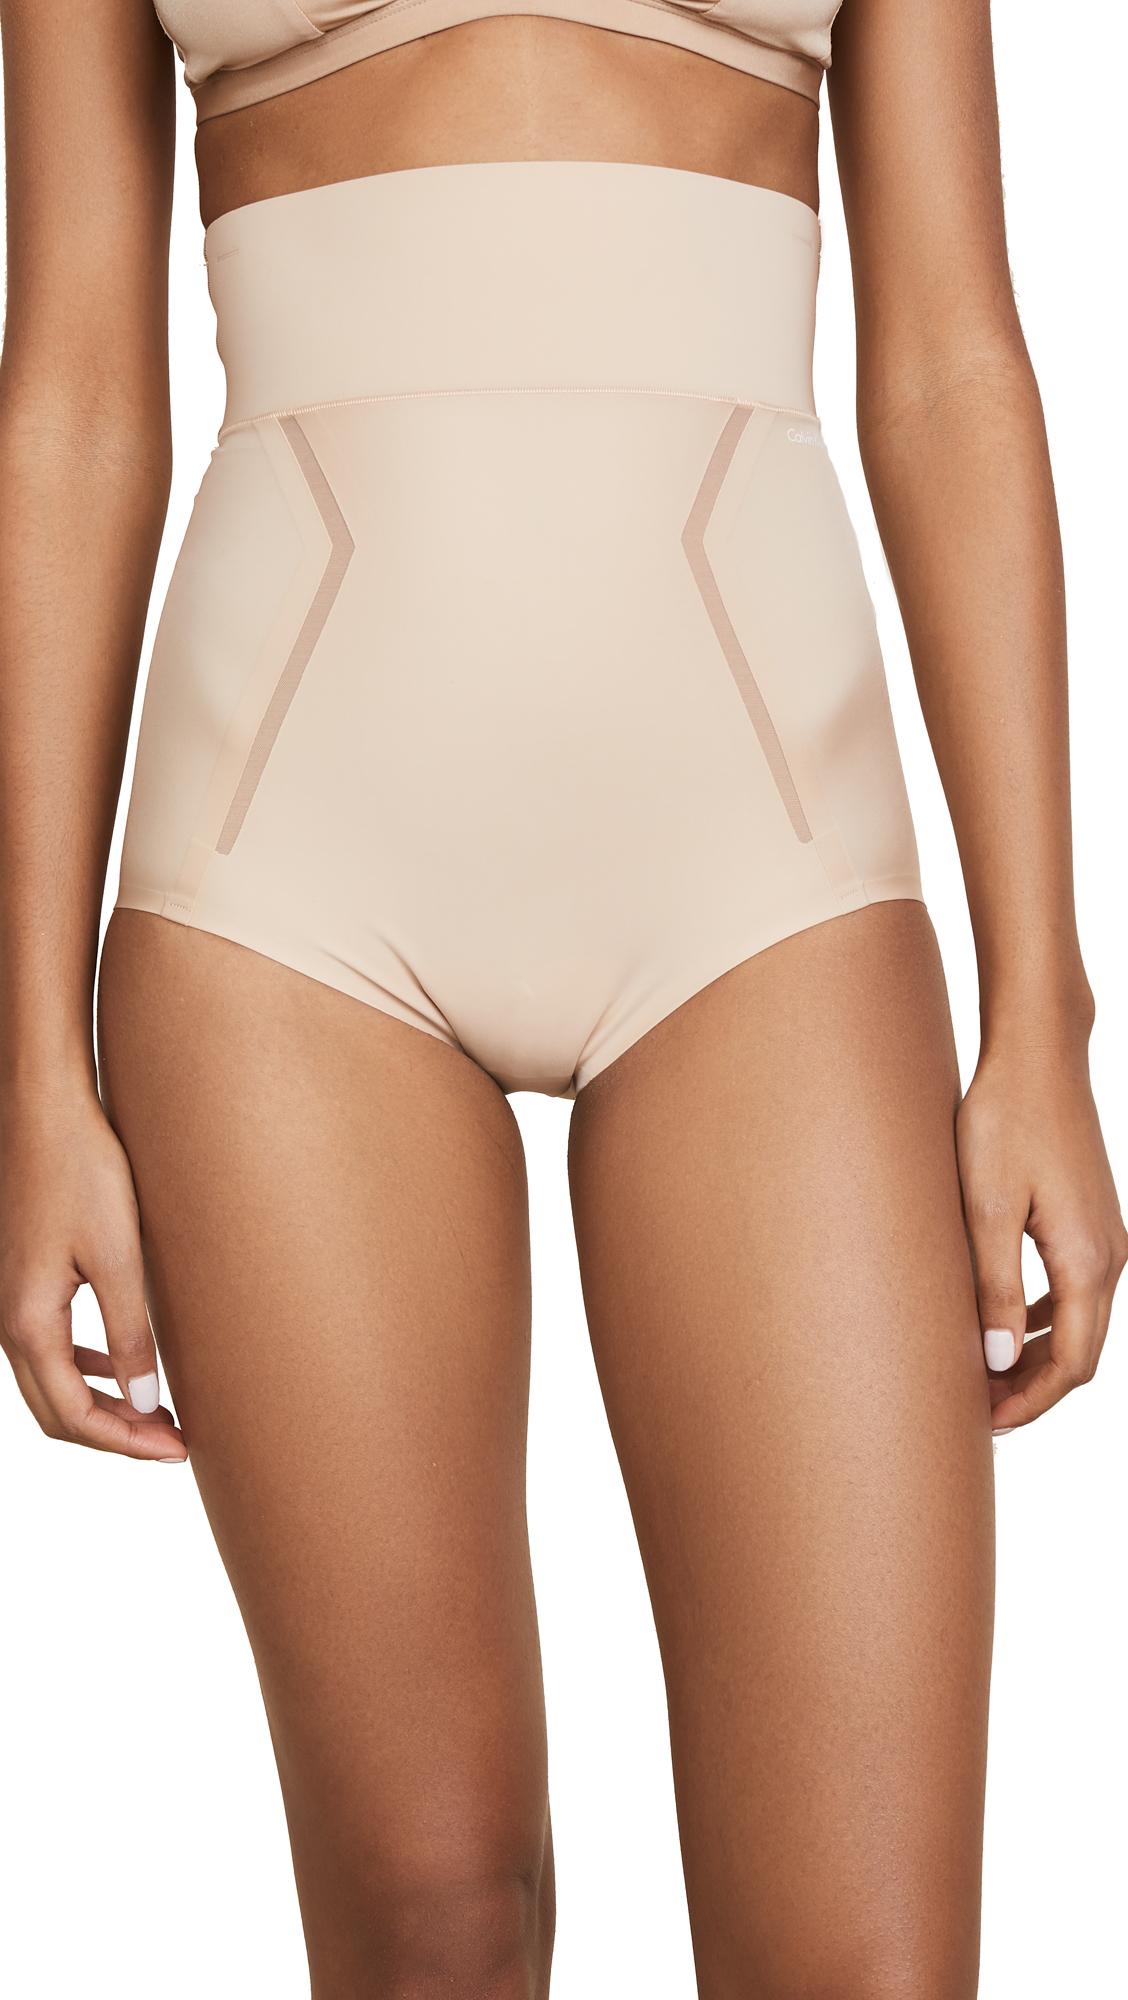 821613c462 Calvin Klein Underwear Sculpted Shapewear High Waist Briefs In Bare